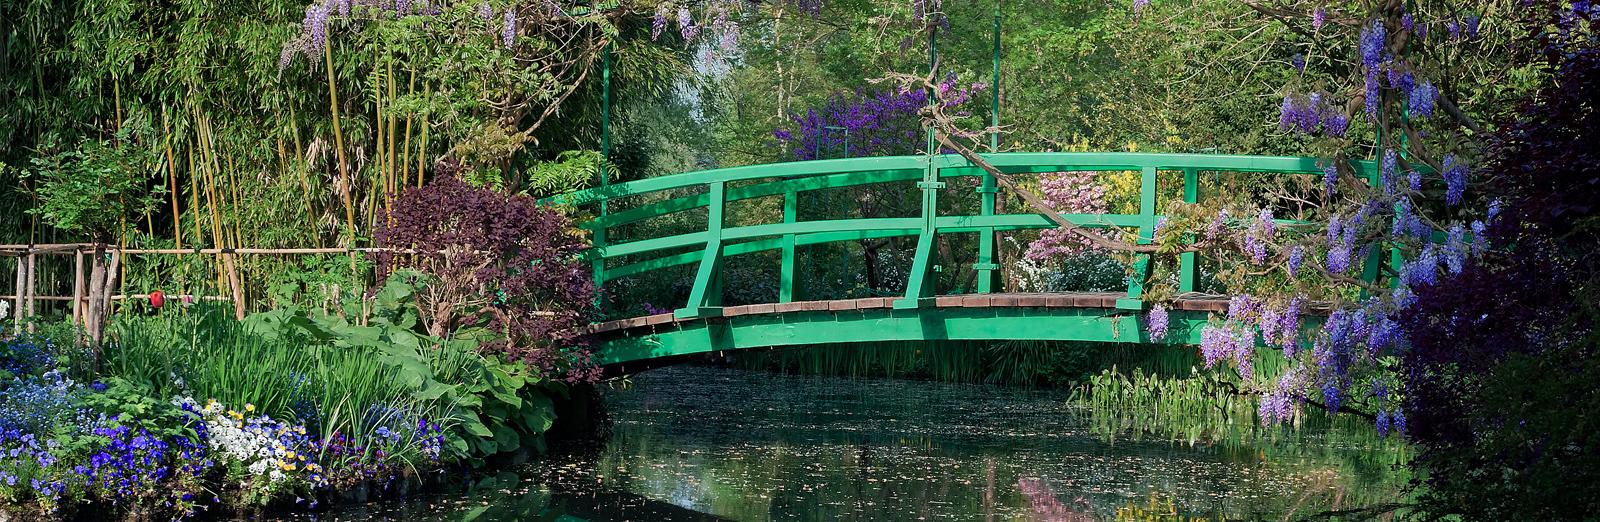 pont_japonais_chauffeur